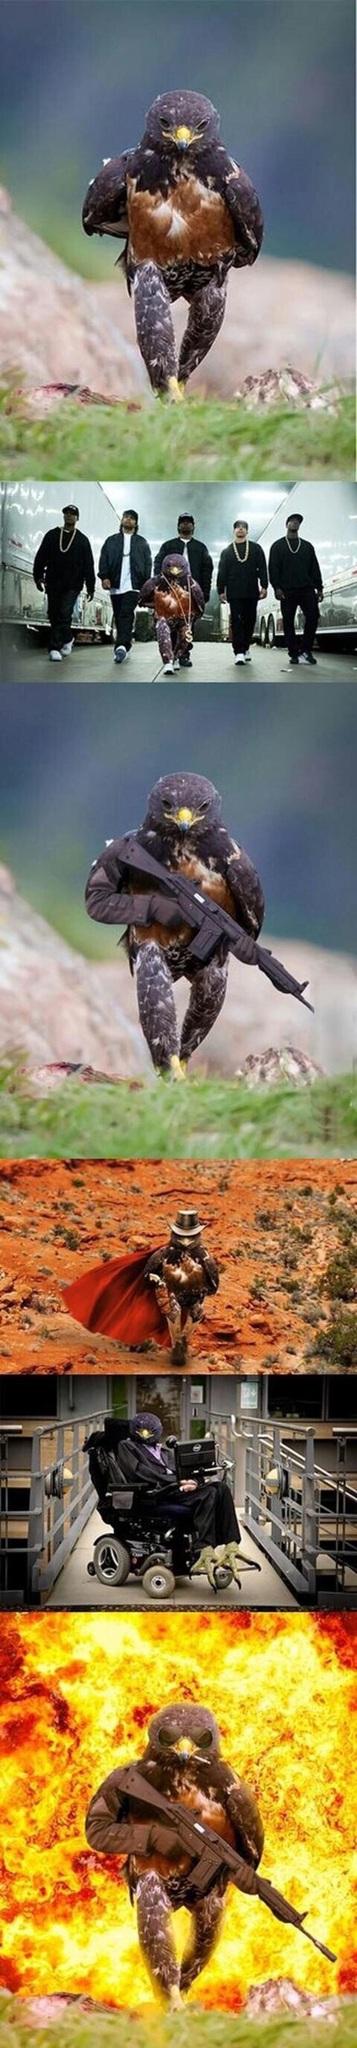 Se o Chuck Morris tem um Pássaro - meme